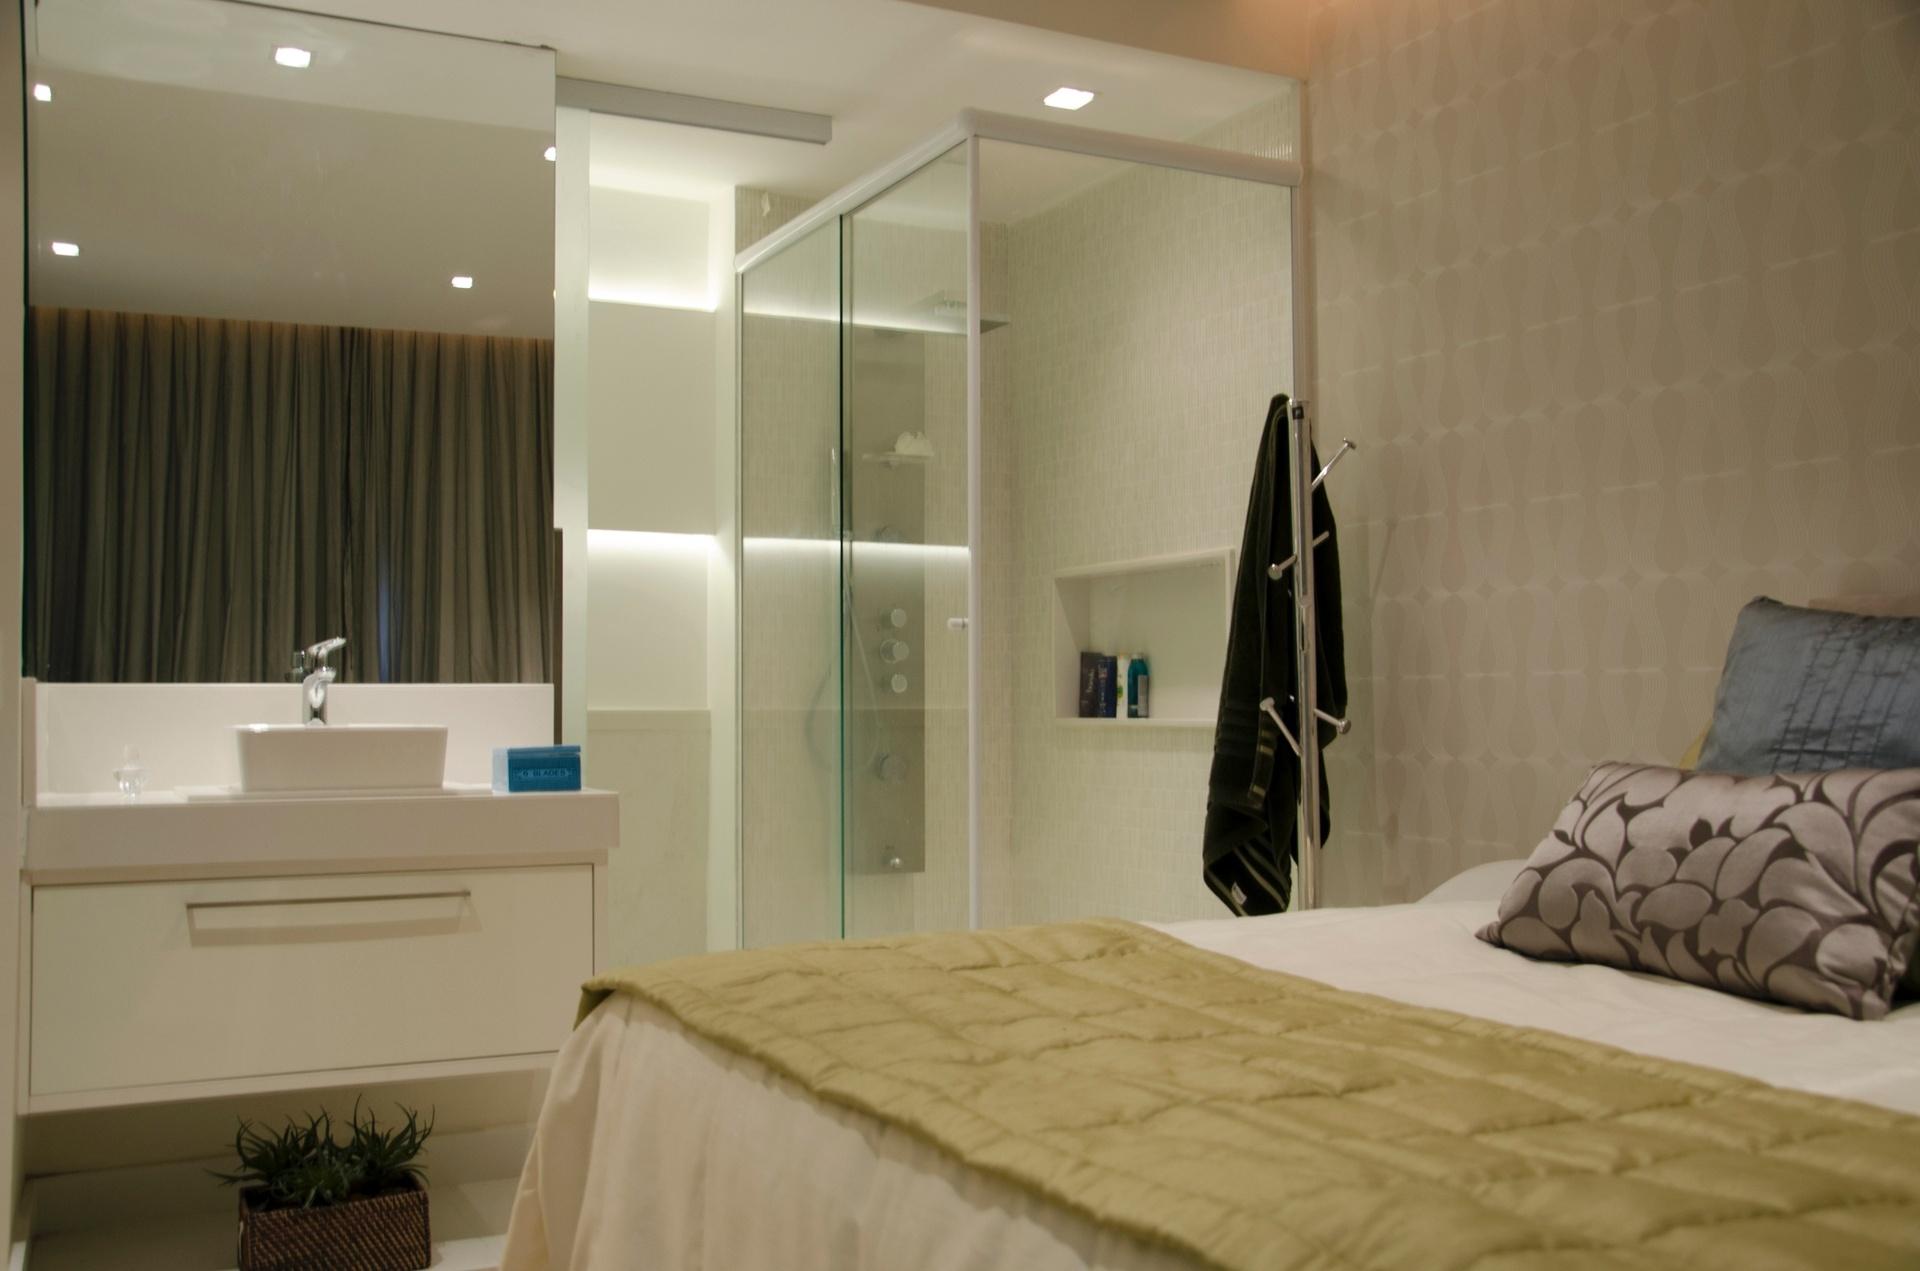 A segunda grande mudança estrutural no apê Icaraí, com projeto do escritório Ravaglia & Philot, foi a integração do banheiro ao quarto. O sanitário fica reservado em um dente, atrás da bancada, enquanto a cuba e o boxe, este com portas de vidro temperado, voltam-se para o dormitório, diretamente. O piso vinílico, resistente e lavável, com textura de madeira substituiu os tacos originais. Na área molhada, o chão leva porcelanato branco piguês (90 cm x 90 cm) e as paredes têm pastilhas